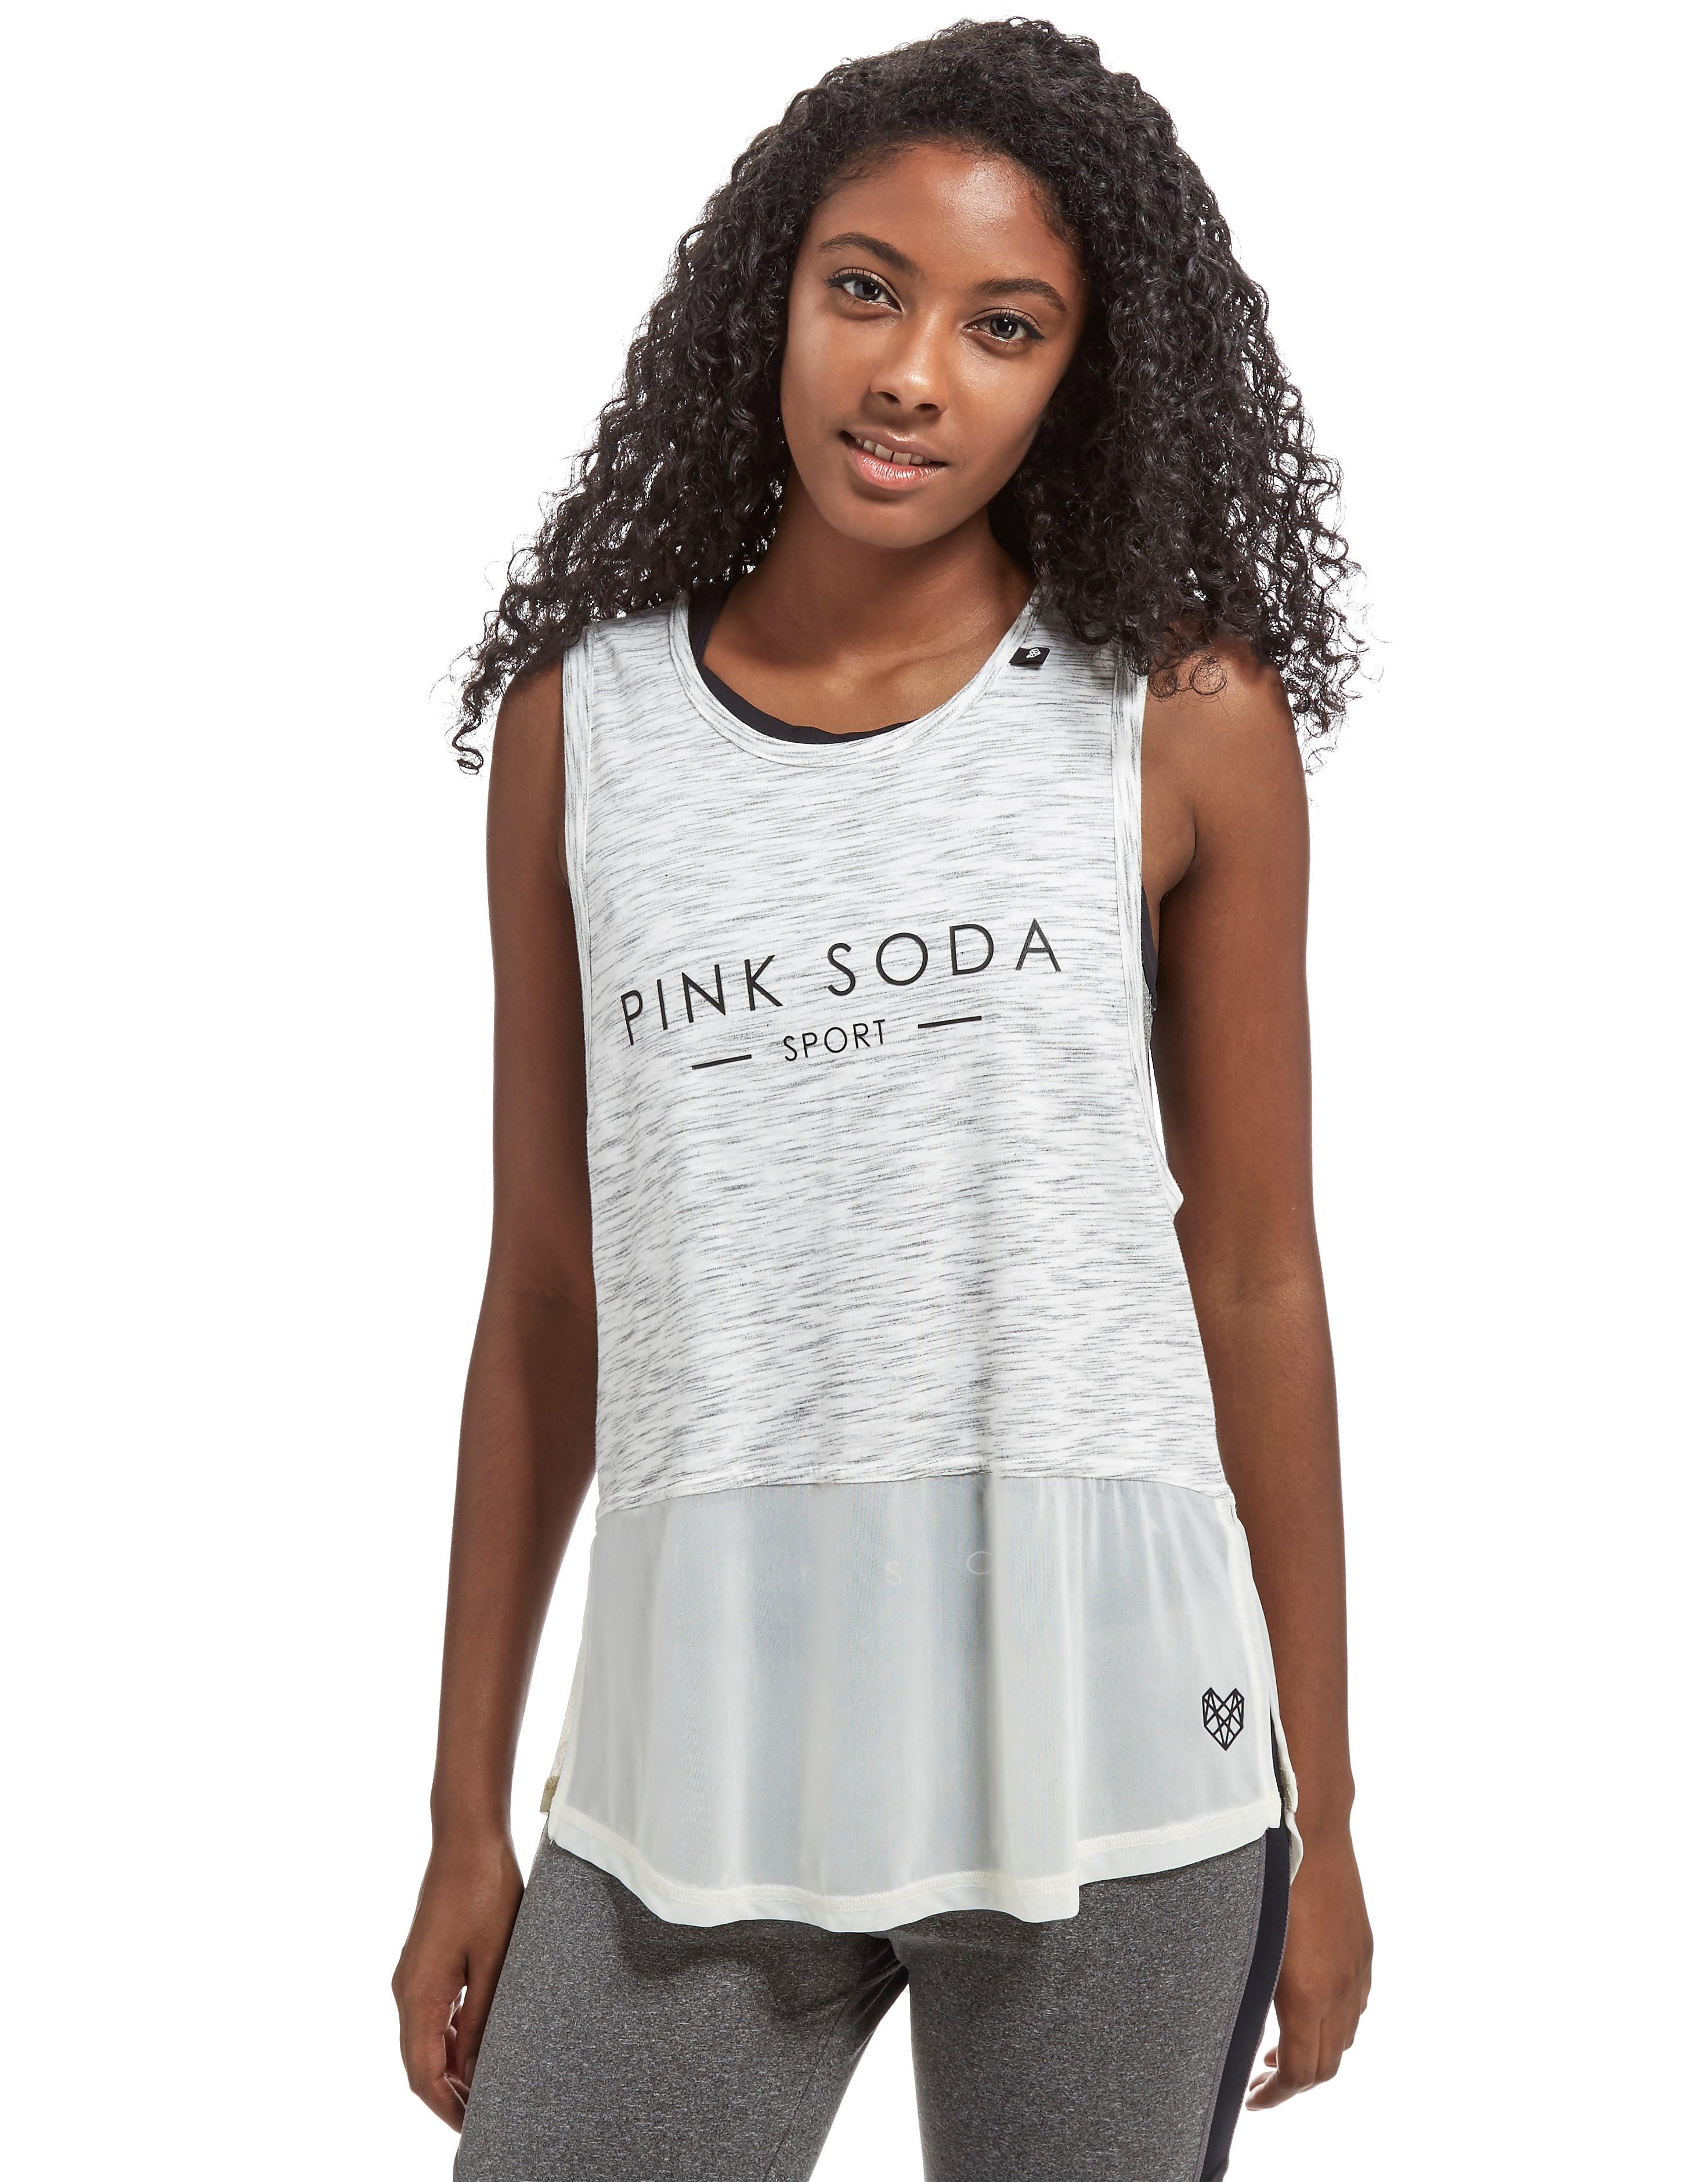 Pink Soda Sport camiseta sin mangas Spacedye